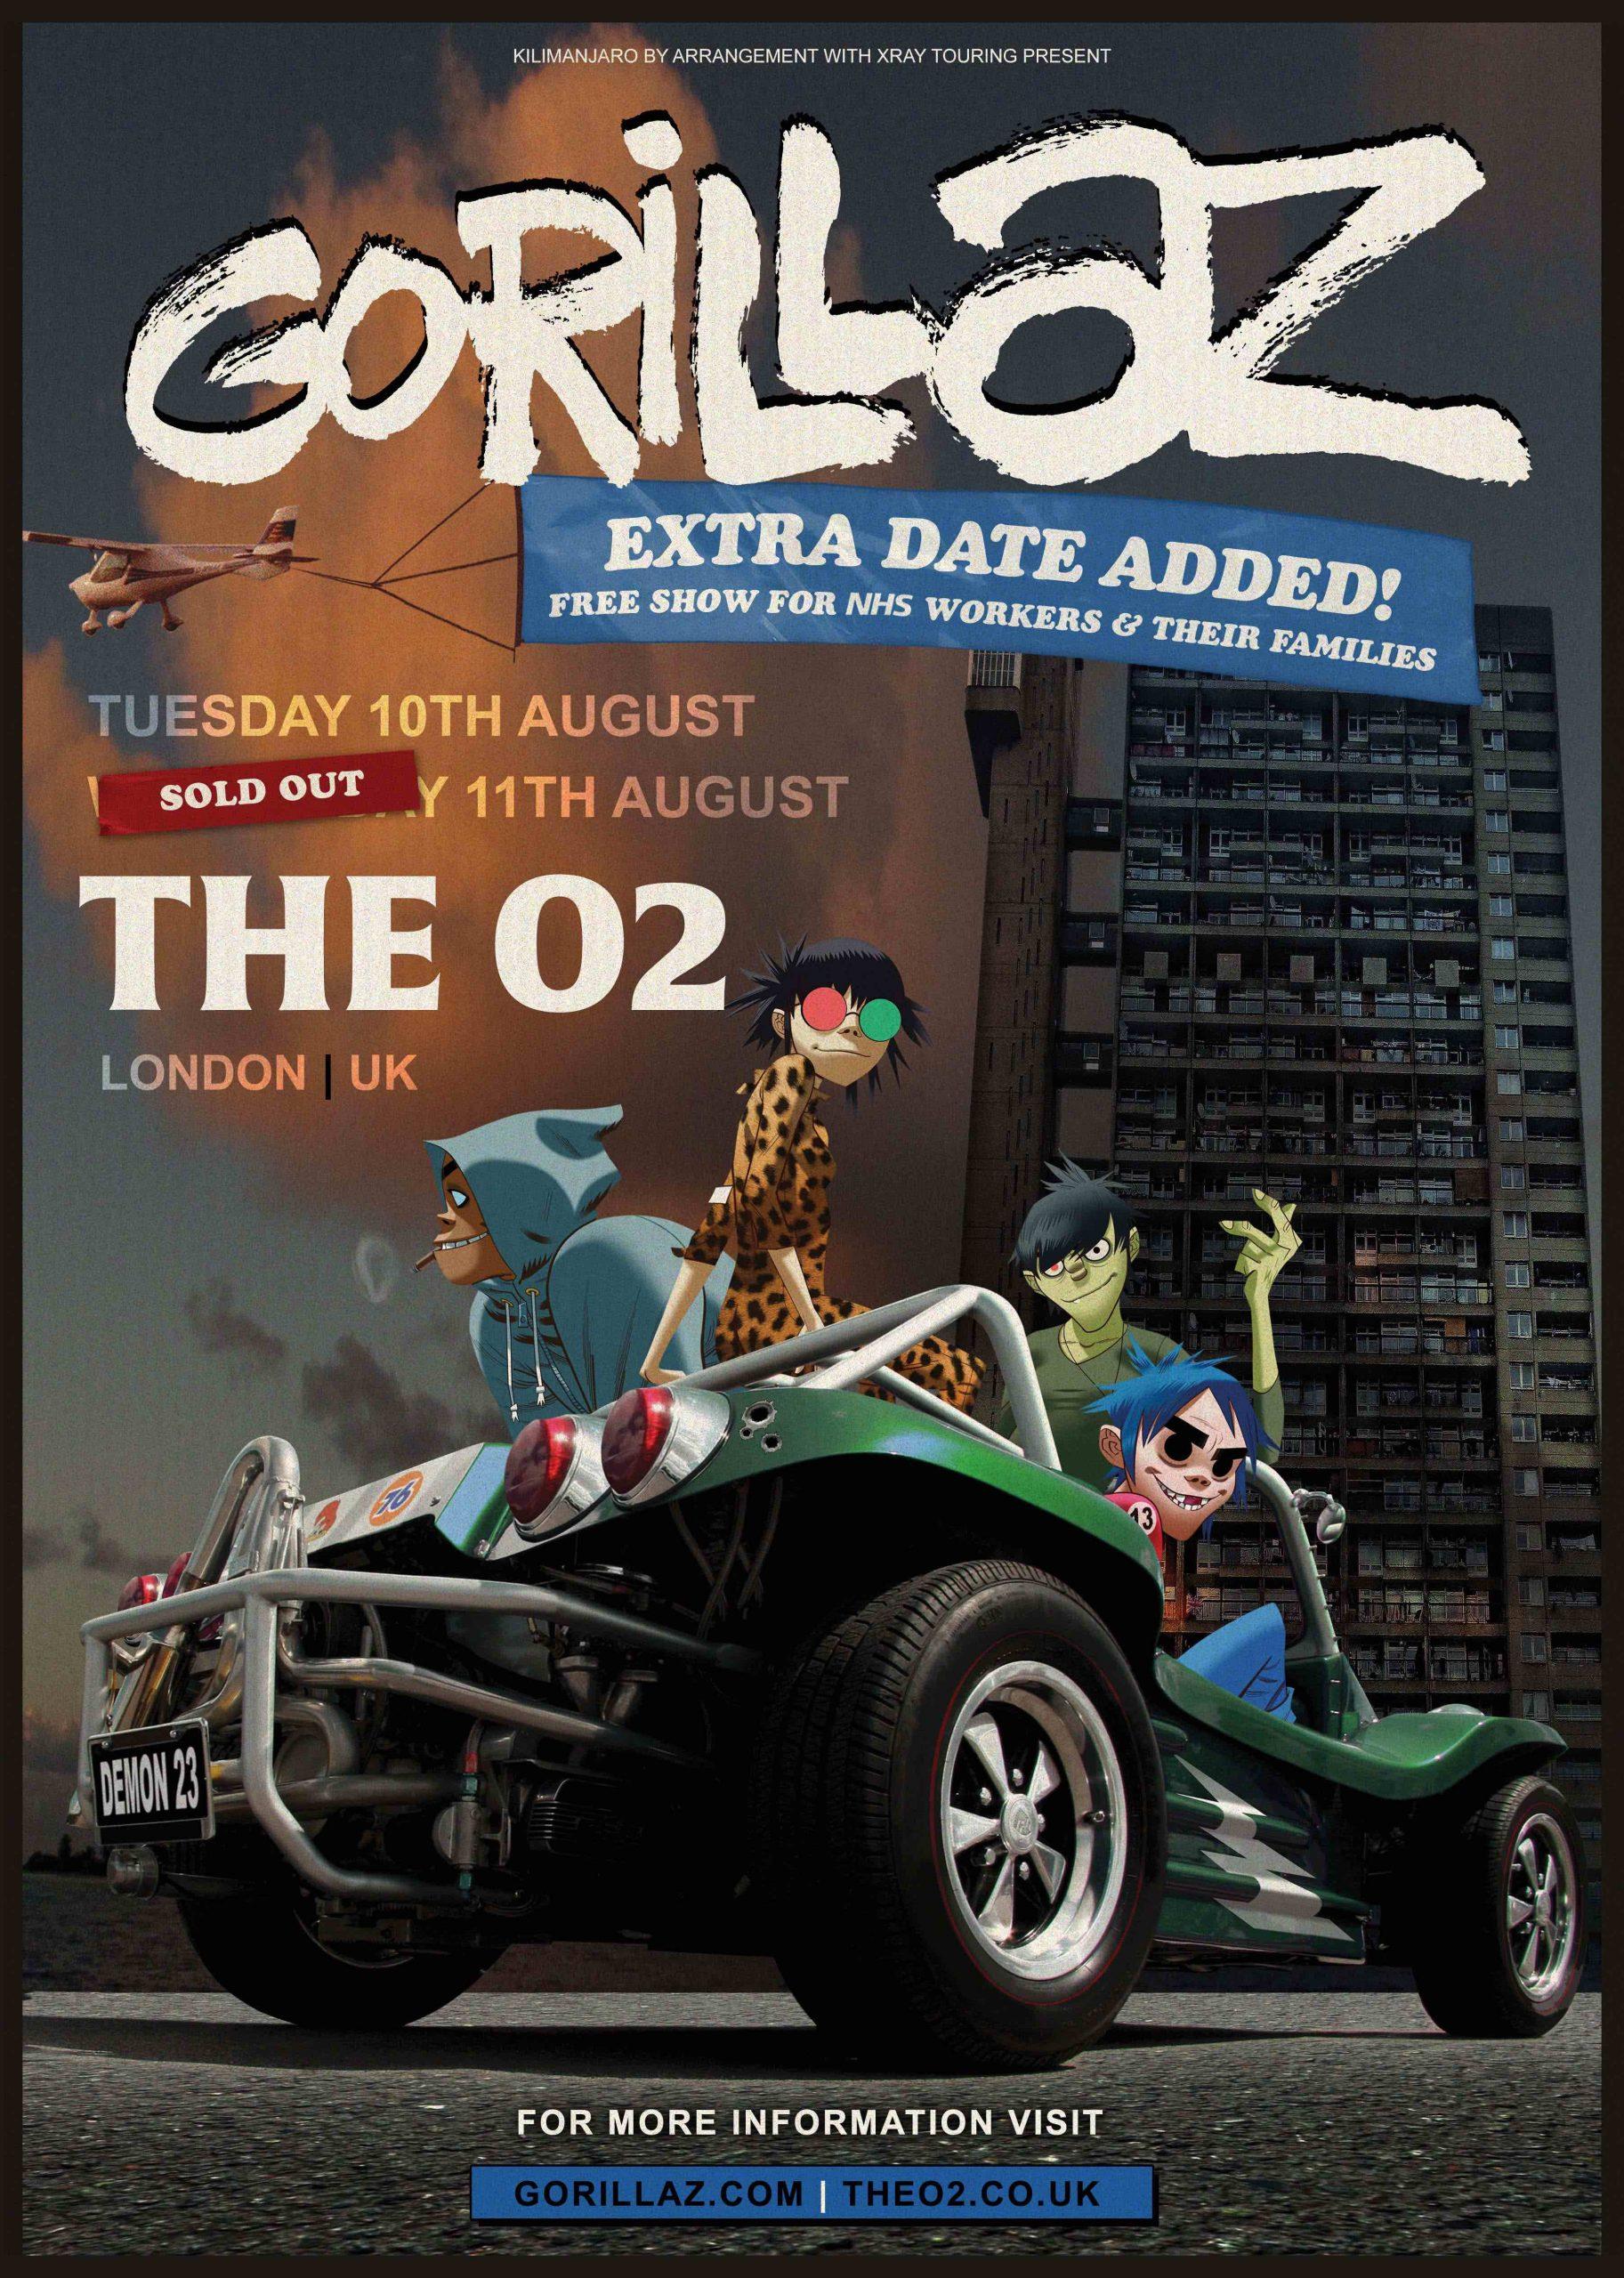 Gorillaz free show